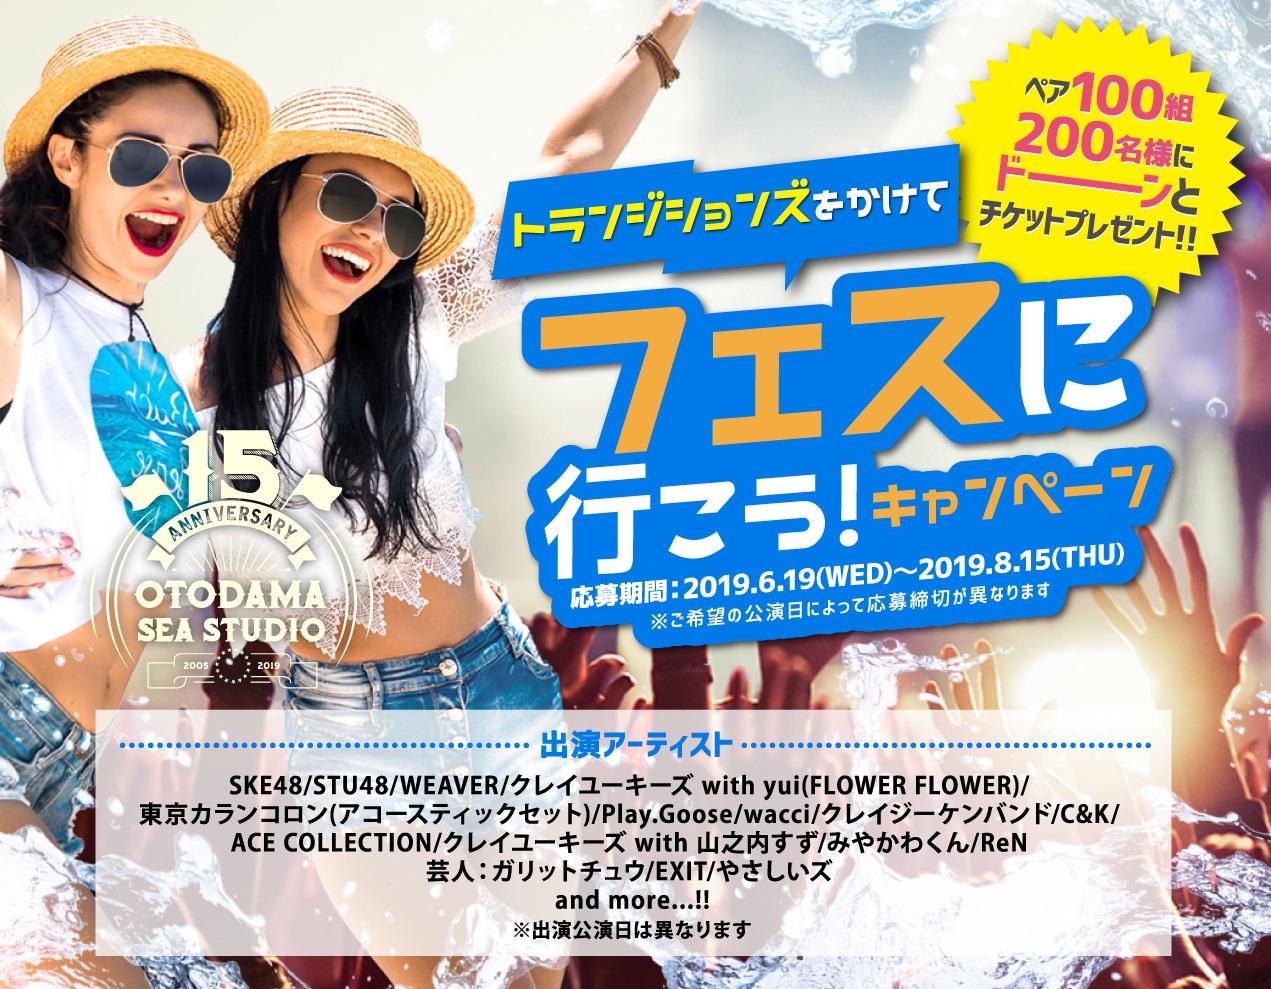 ニコン トランジションズ × OTODAMA キャンペーン6/19(水)開始 画像